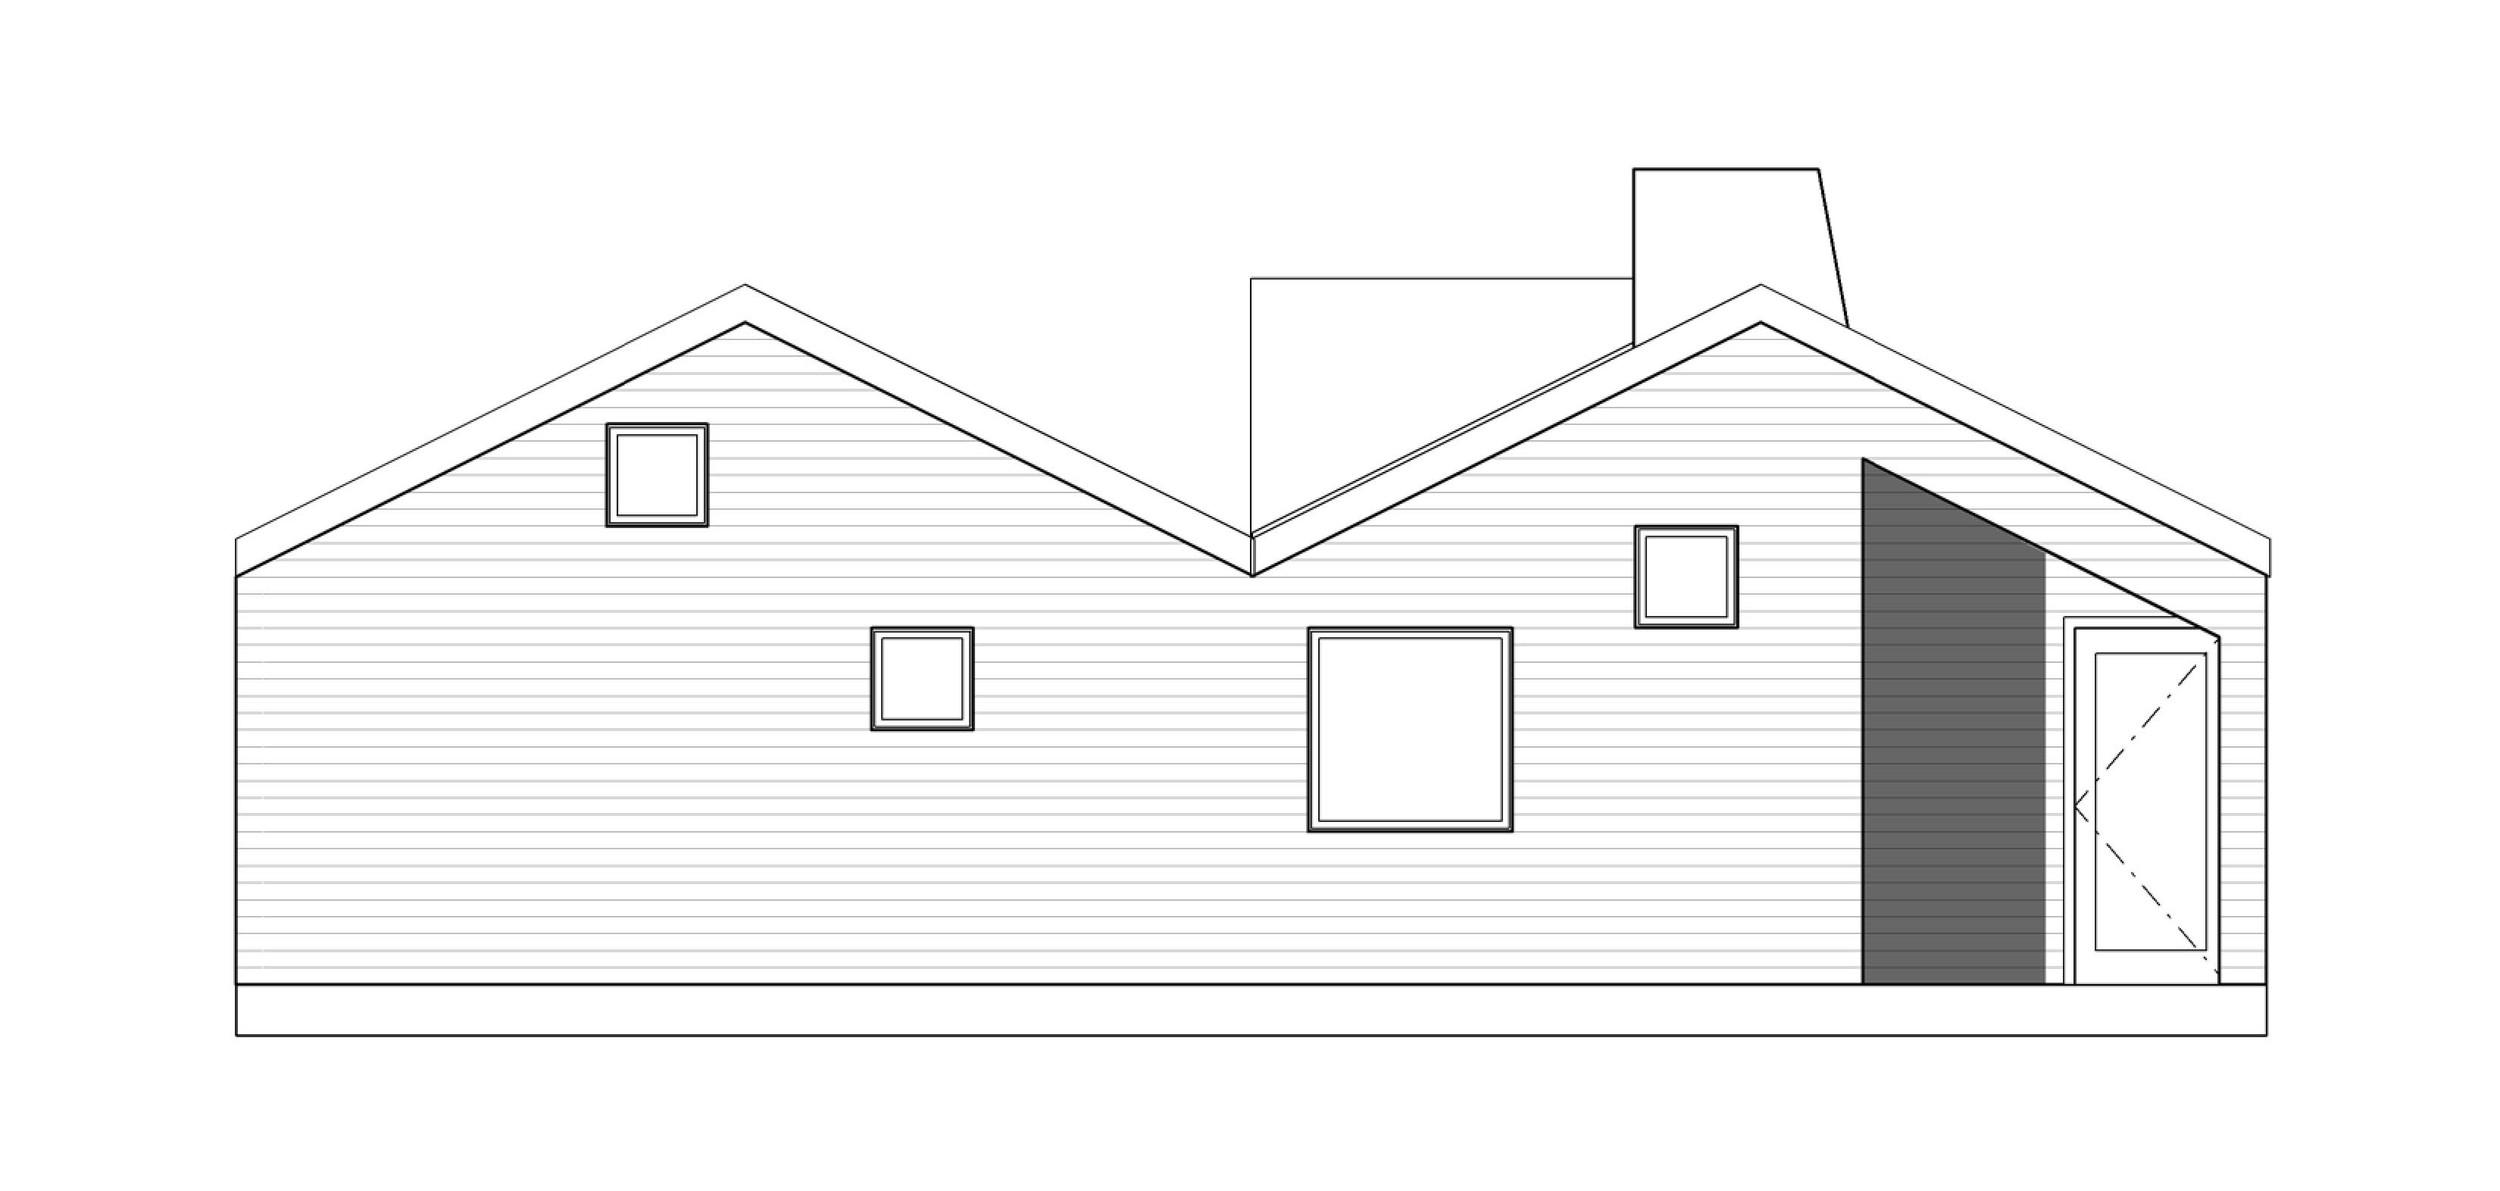 TALLstudio Architecture - Cabin - Lousiville, MS